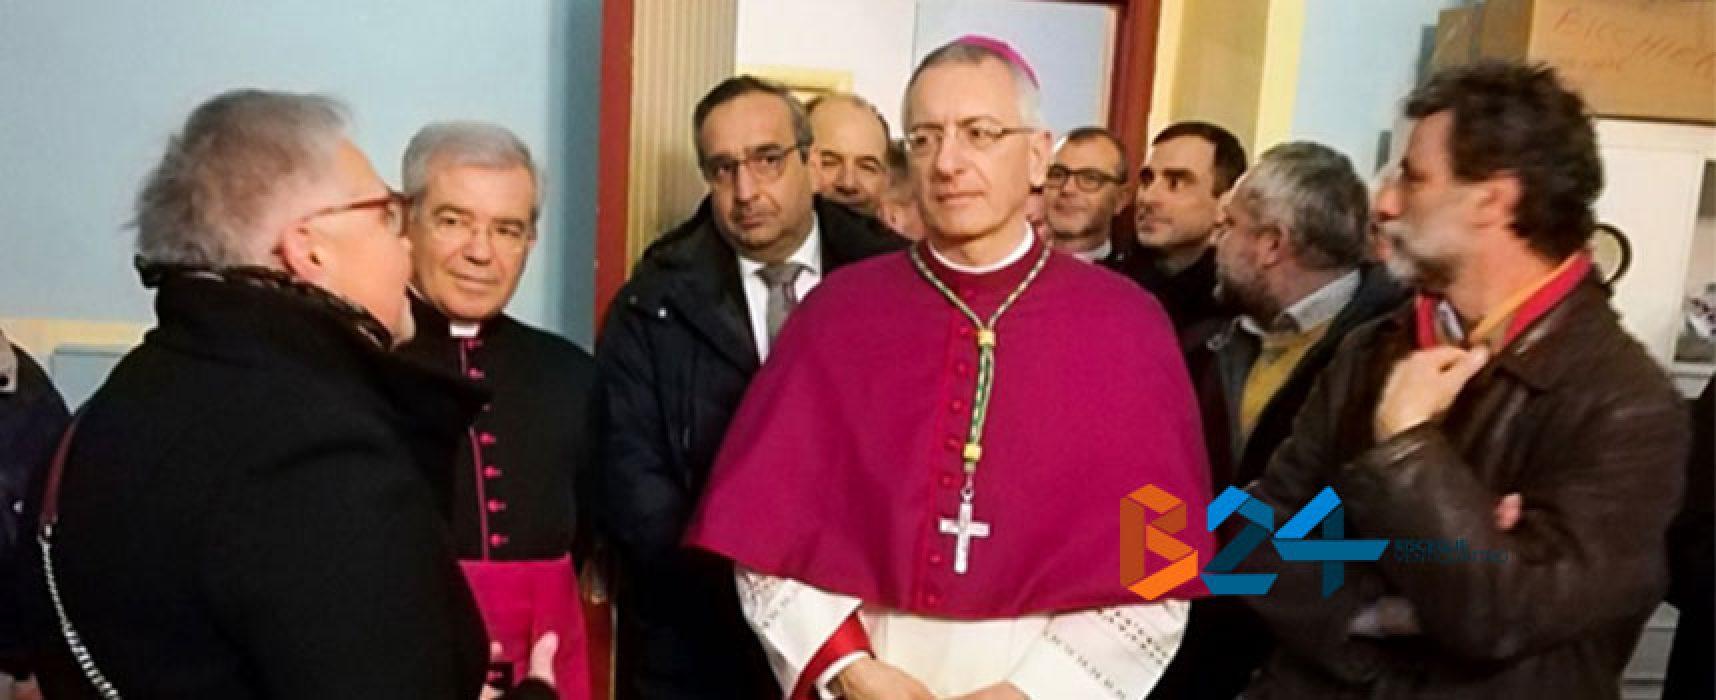 """Monsignor D'Ascenzo in visita al centro Caritas, Ruggieri: """"Un segnale importante"""""""